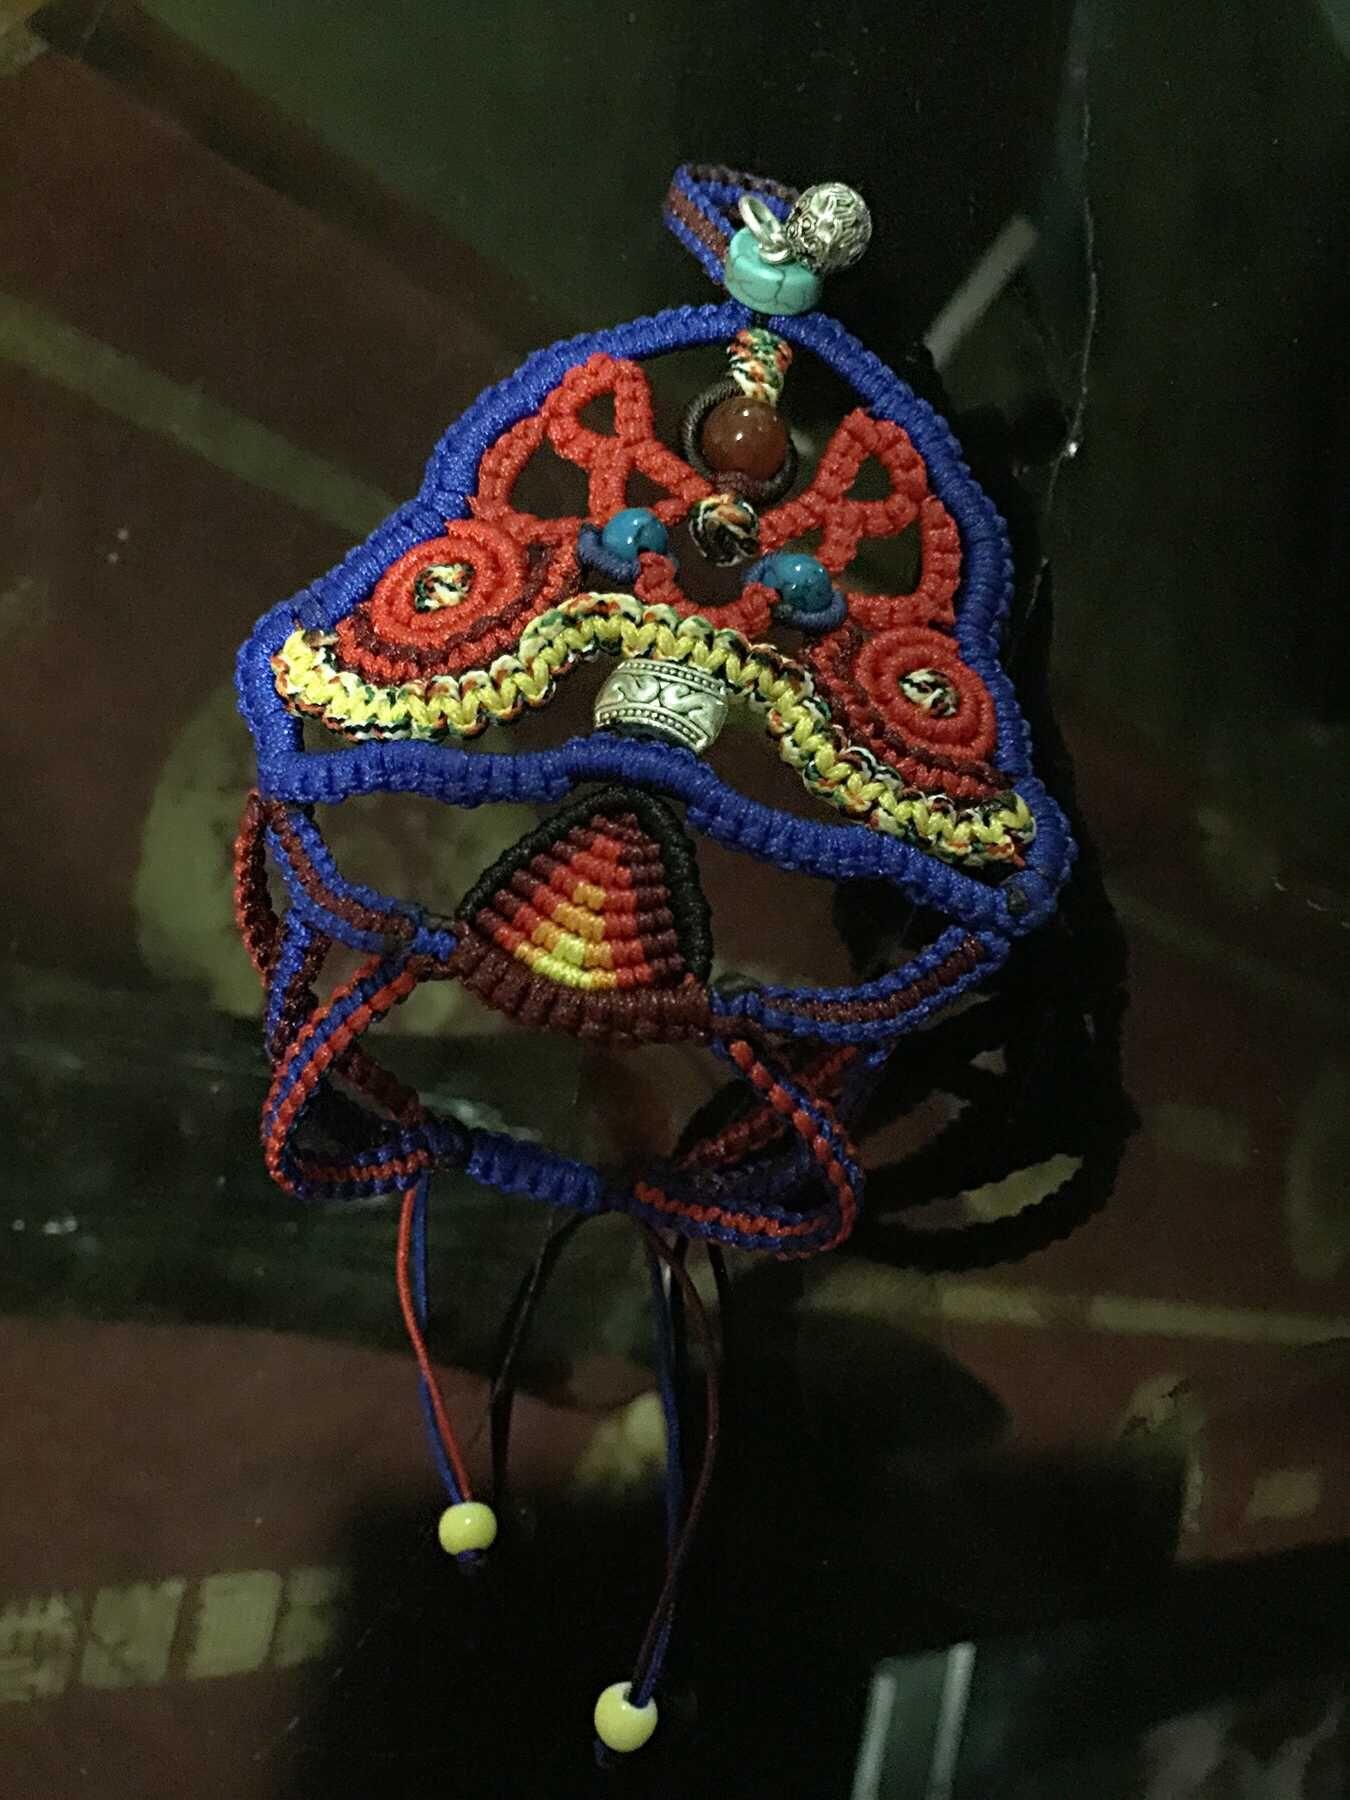 中国结论坛 我编的带在手背上的民族风饰品,第一次自己设计,感觉棒棒哒 民族,饰品 作品展示 120610uvf965bu0bgrbzvz